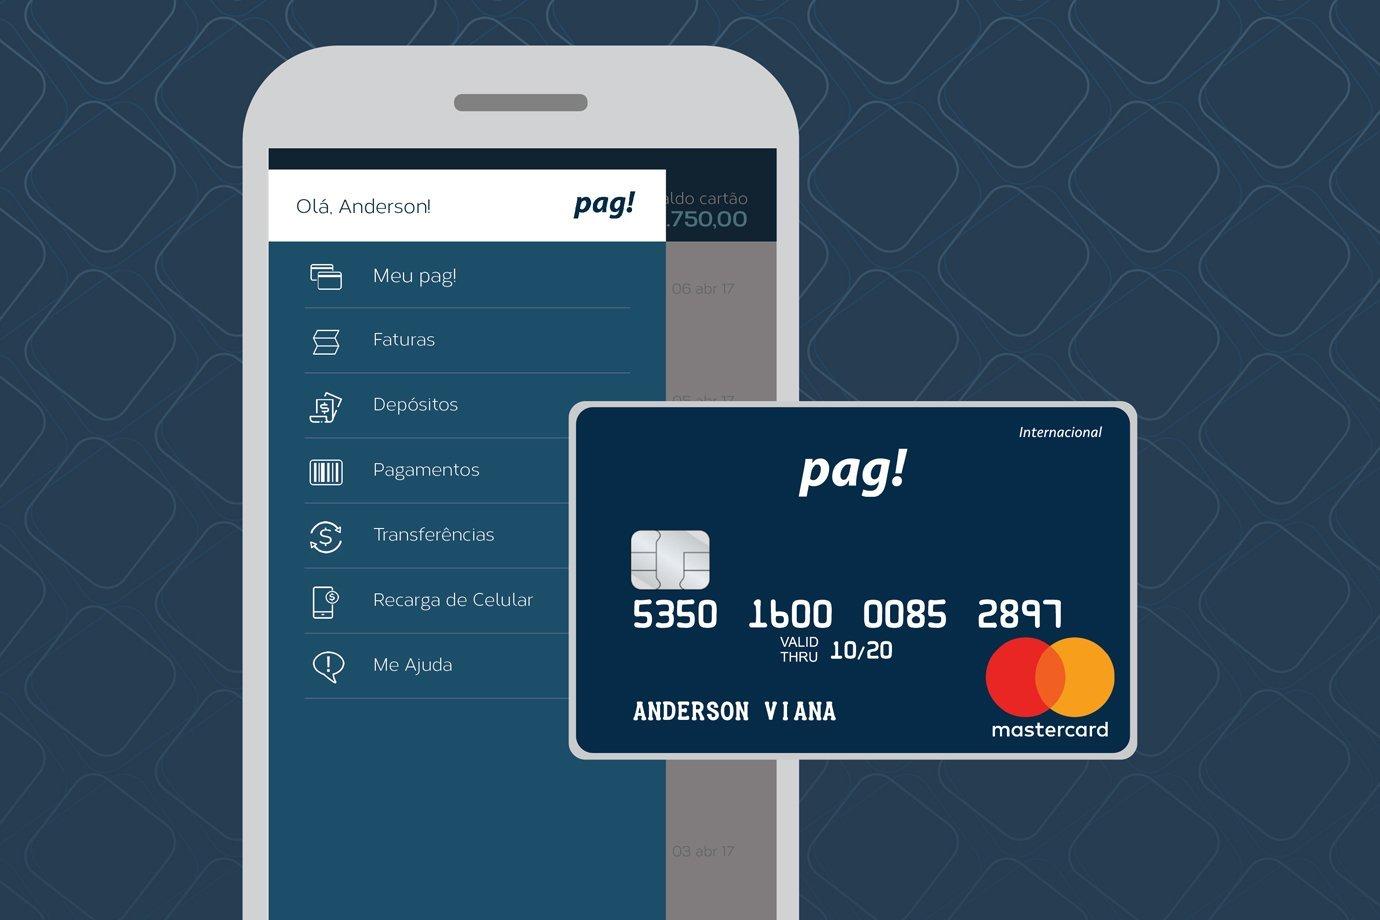 App MeuPag! e cartão de crédito da marca